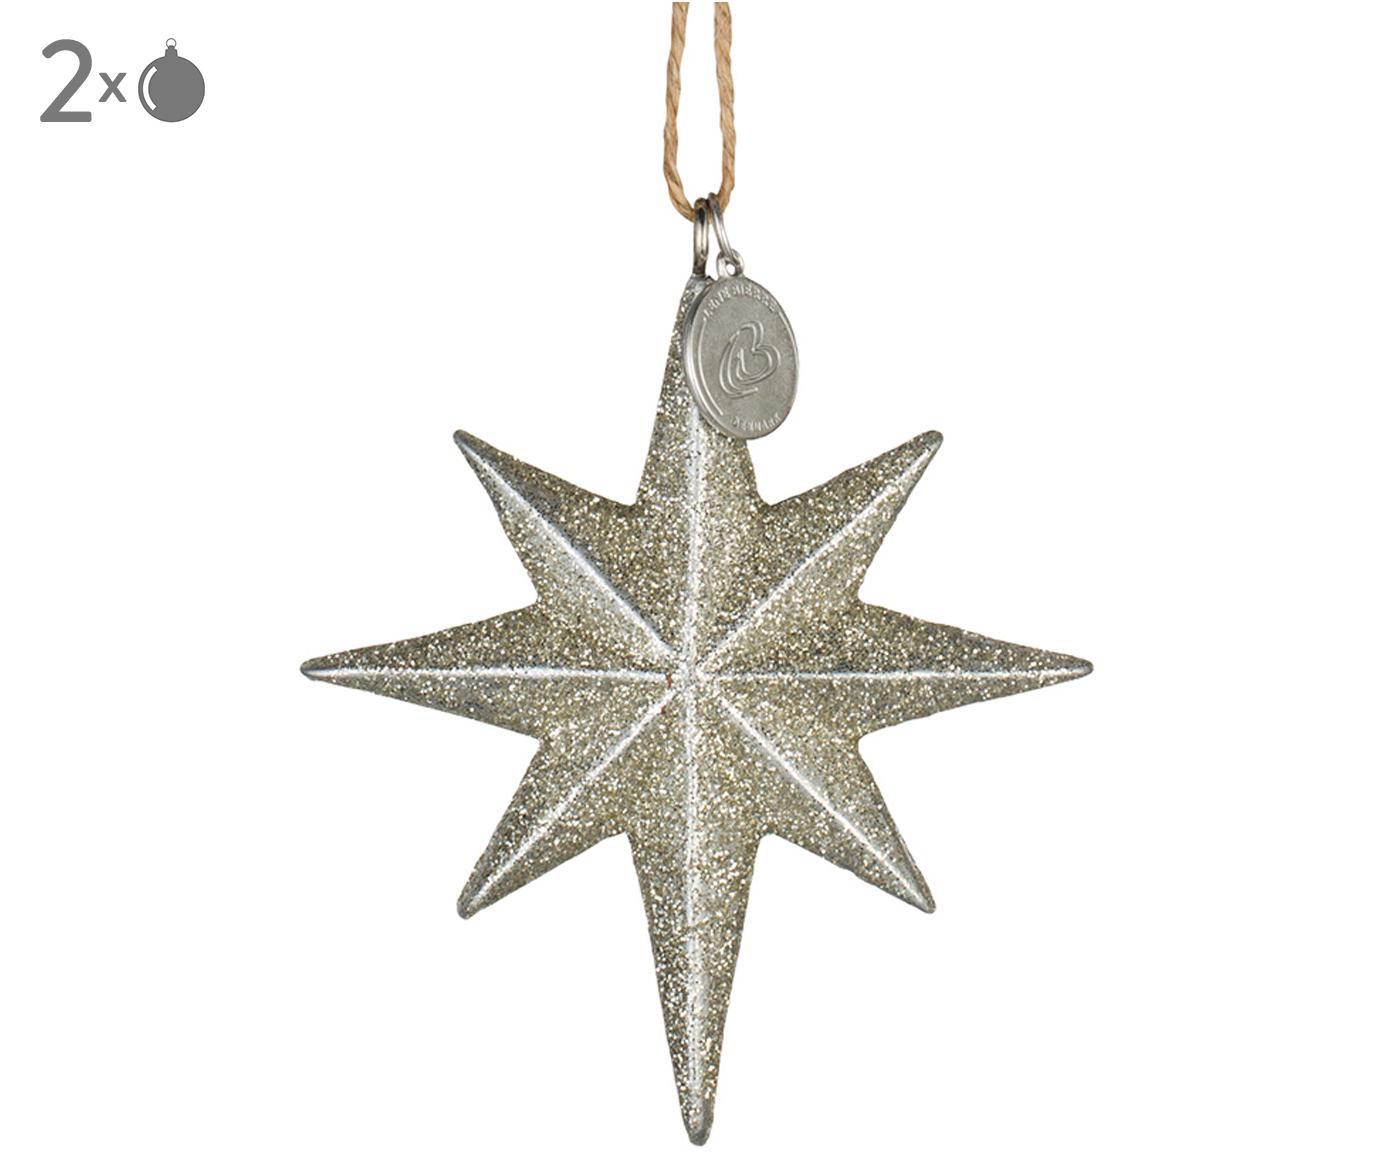 Ozdoba choinkowa Serafina Star, 2szt., Odcienie złotego, S 7 x W 8 cm